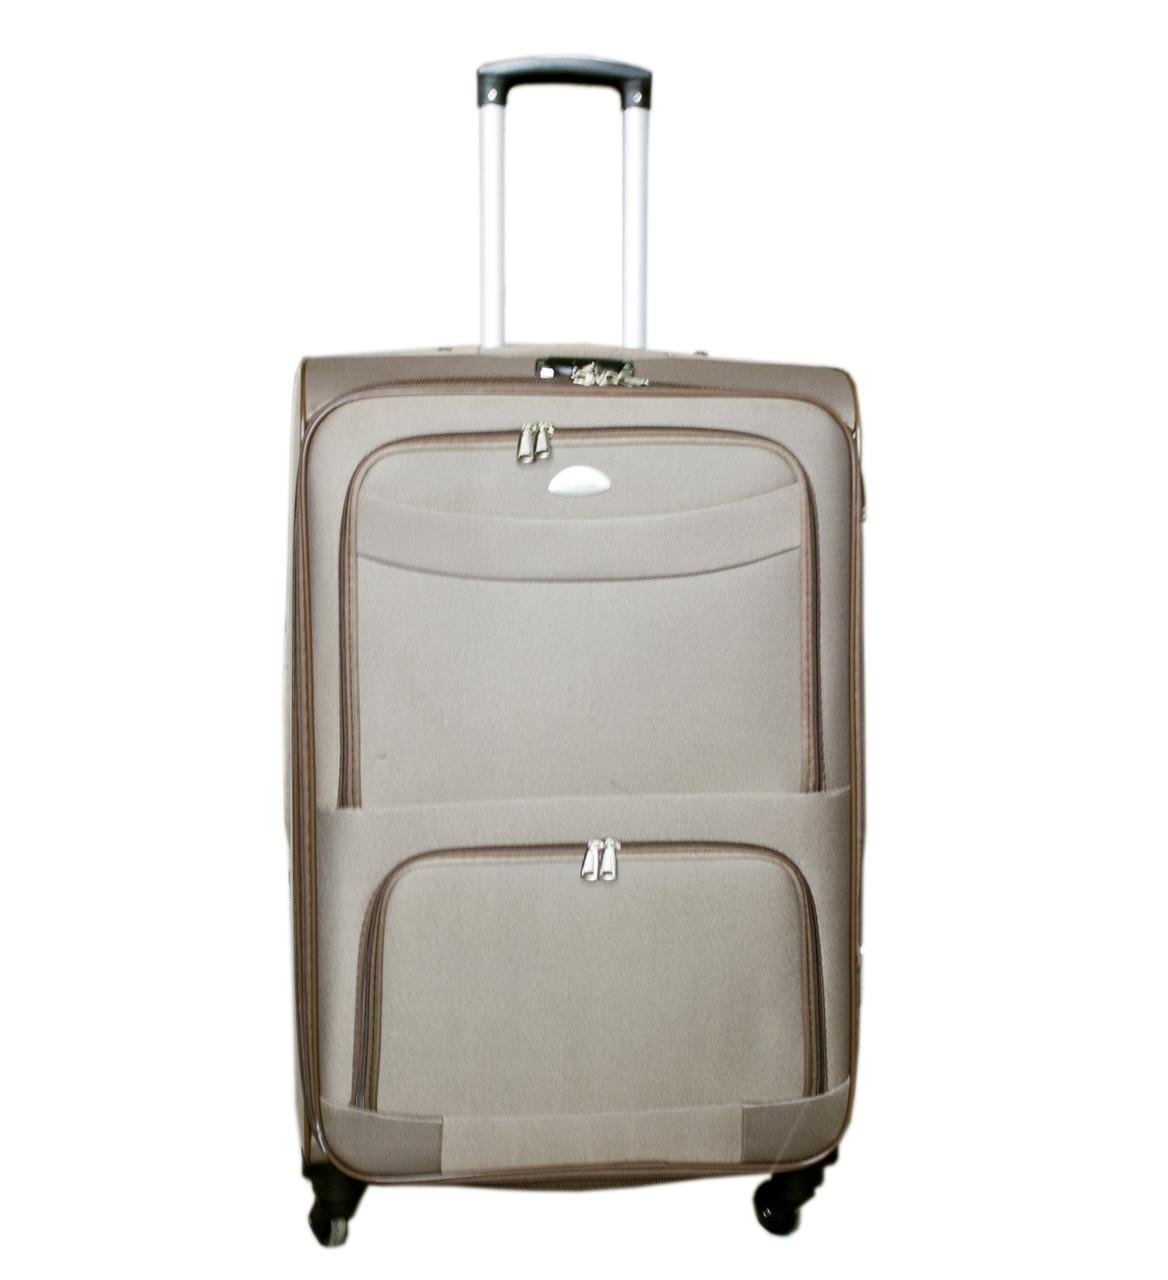 Дорожный чемодан 4 колеса (небольшой) песочный, артикул: 6-240